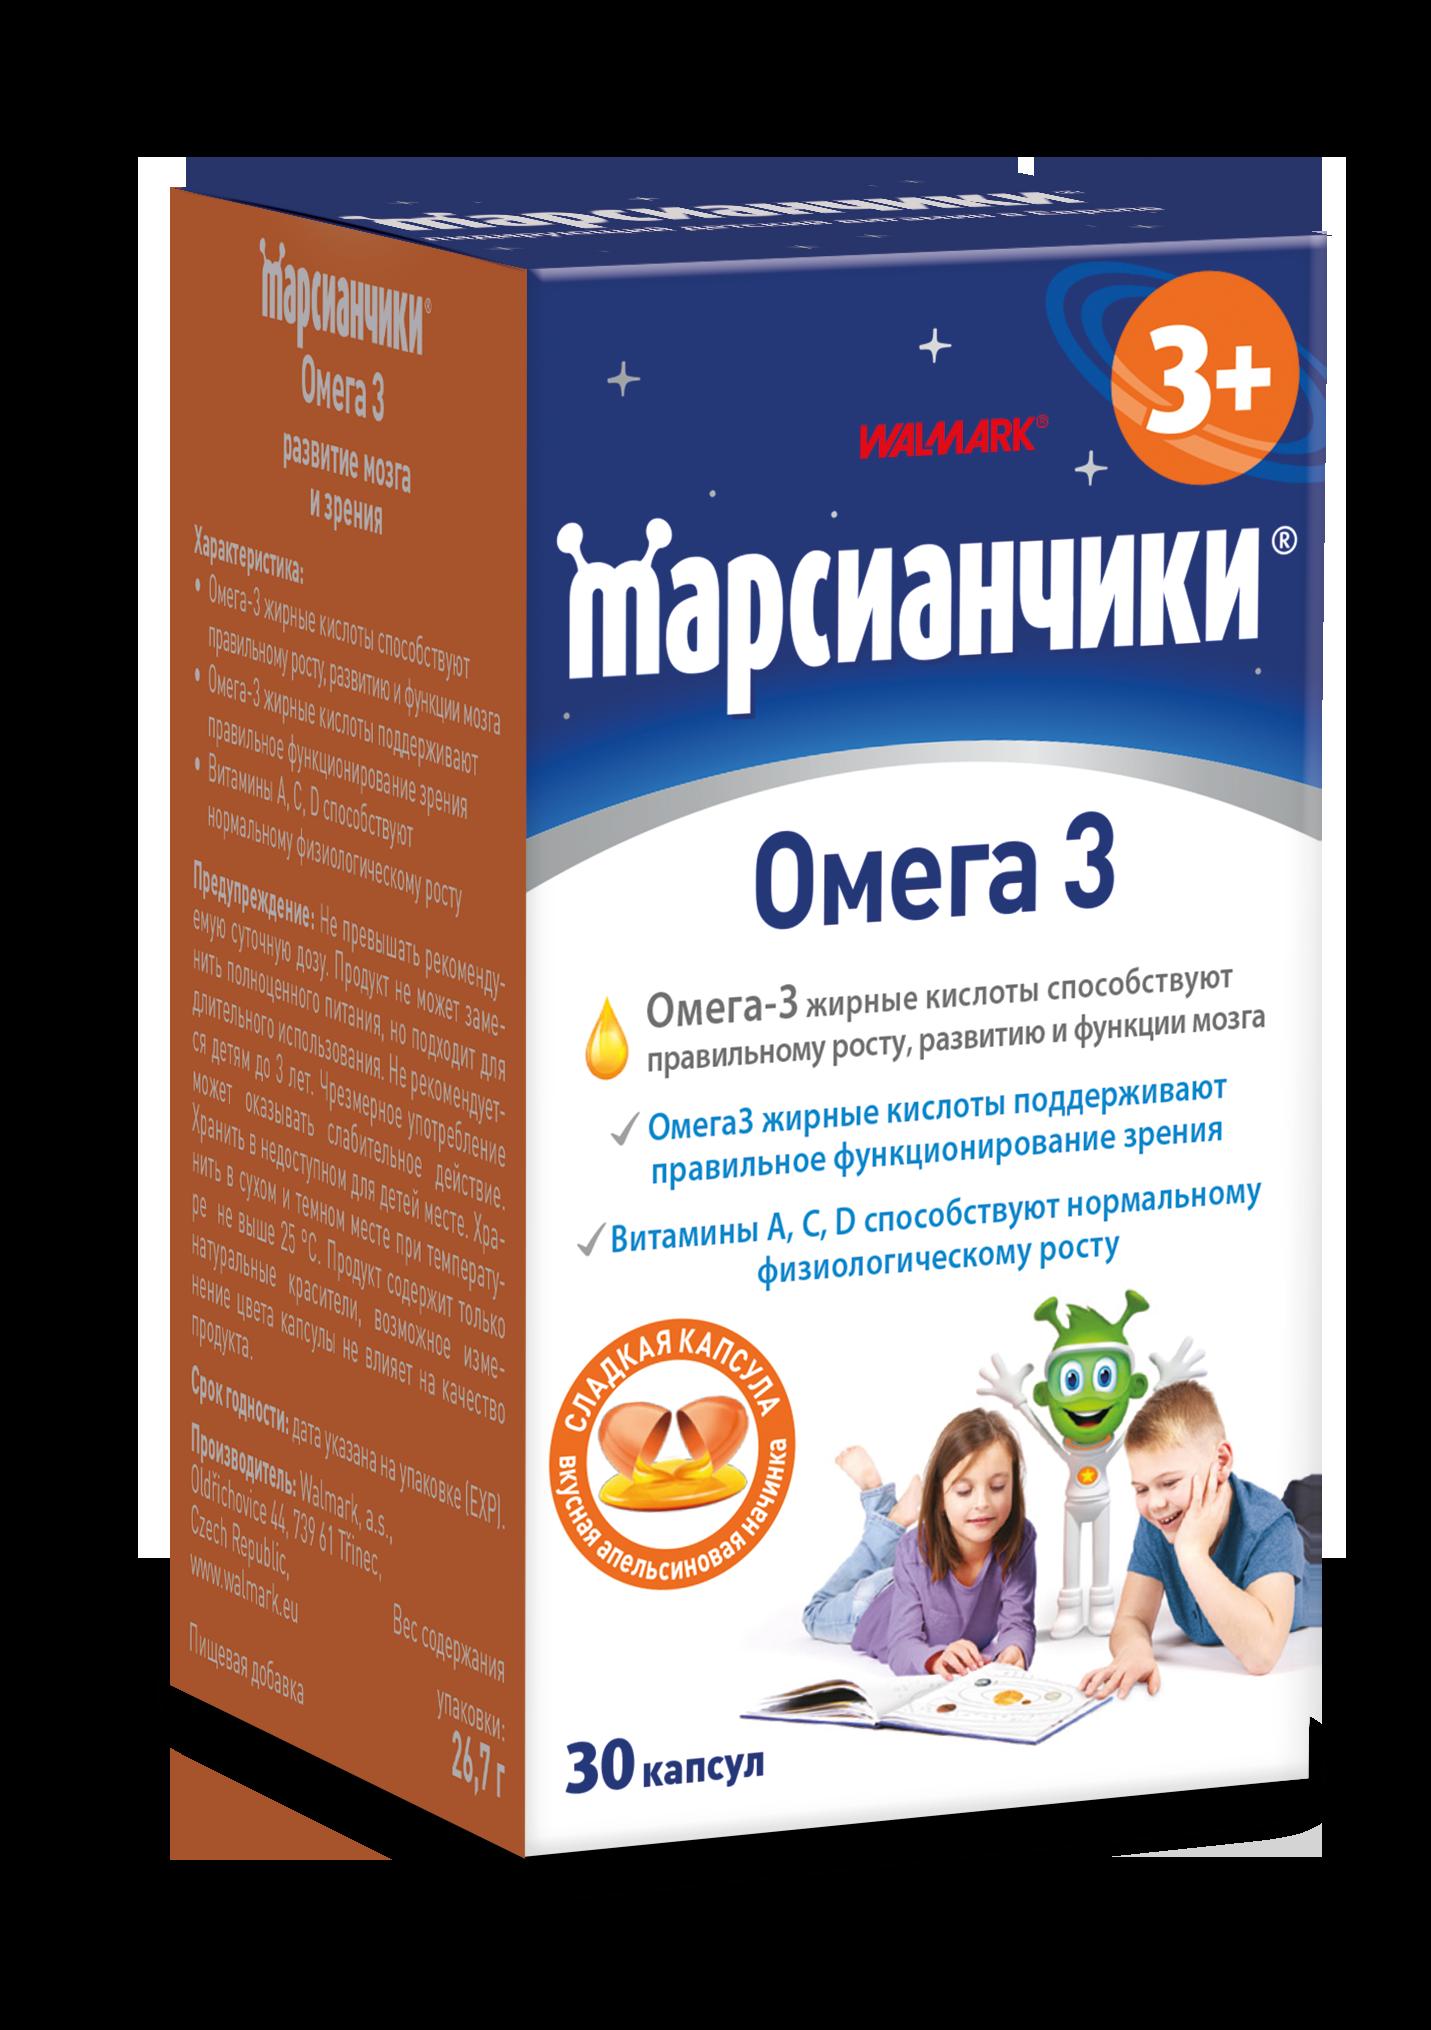 მარსიანჩიკი ომეგა 3 / Martians Omega 3